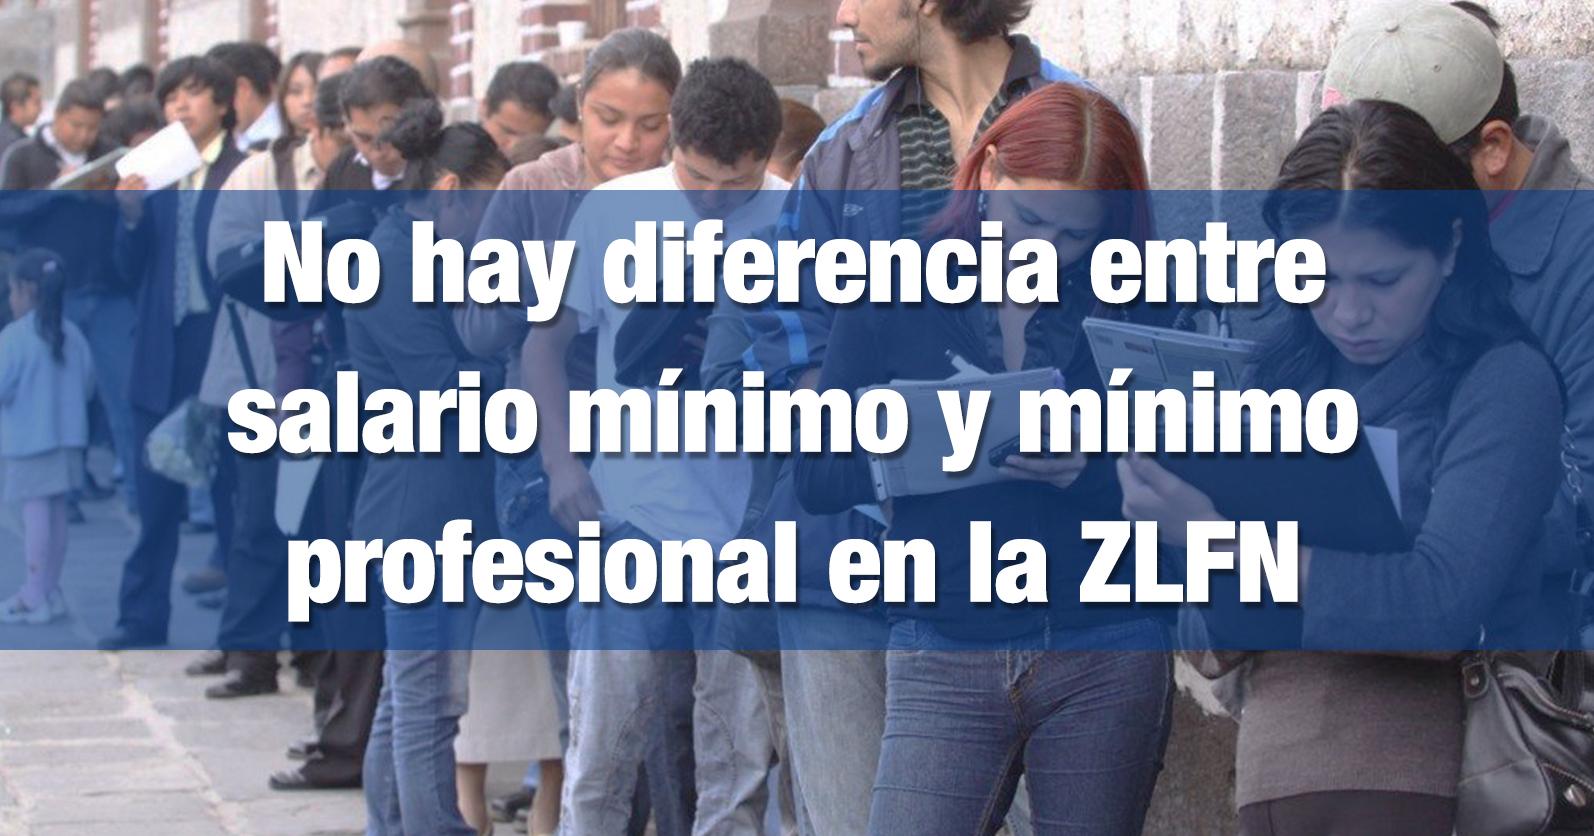 No hay diferencia entre salario mínimo salario mínimo profesional en ZLFN